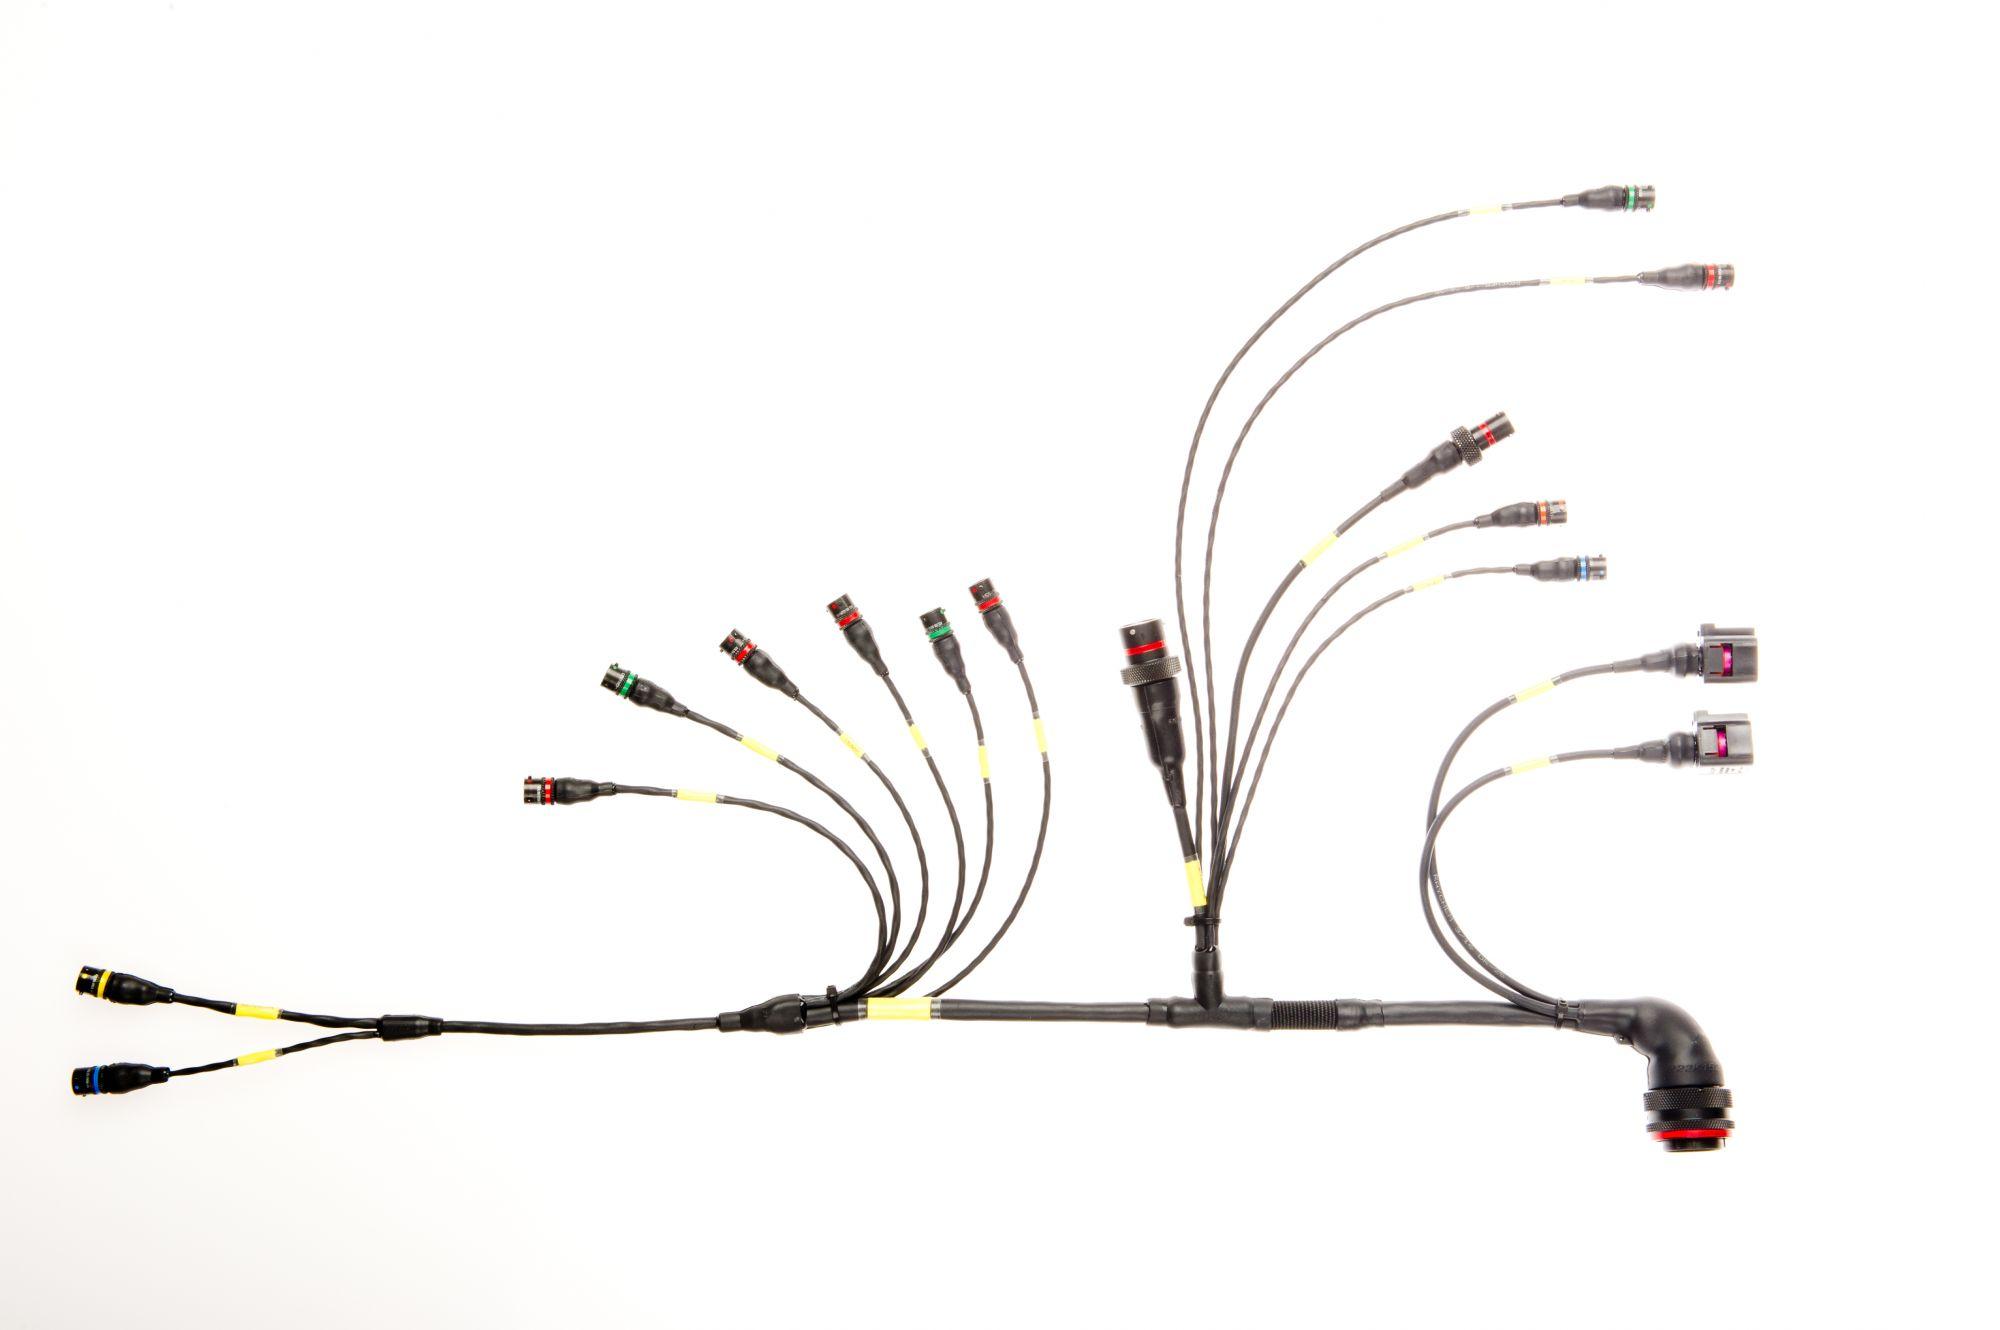 motorsport wiring harnesses  [ 2000 x 1330 Pixel ]